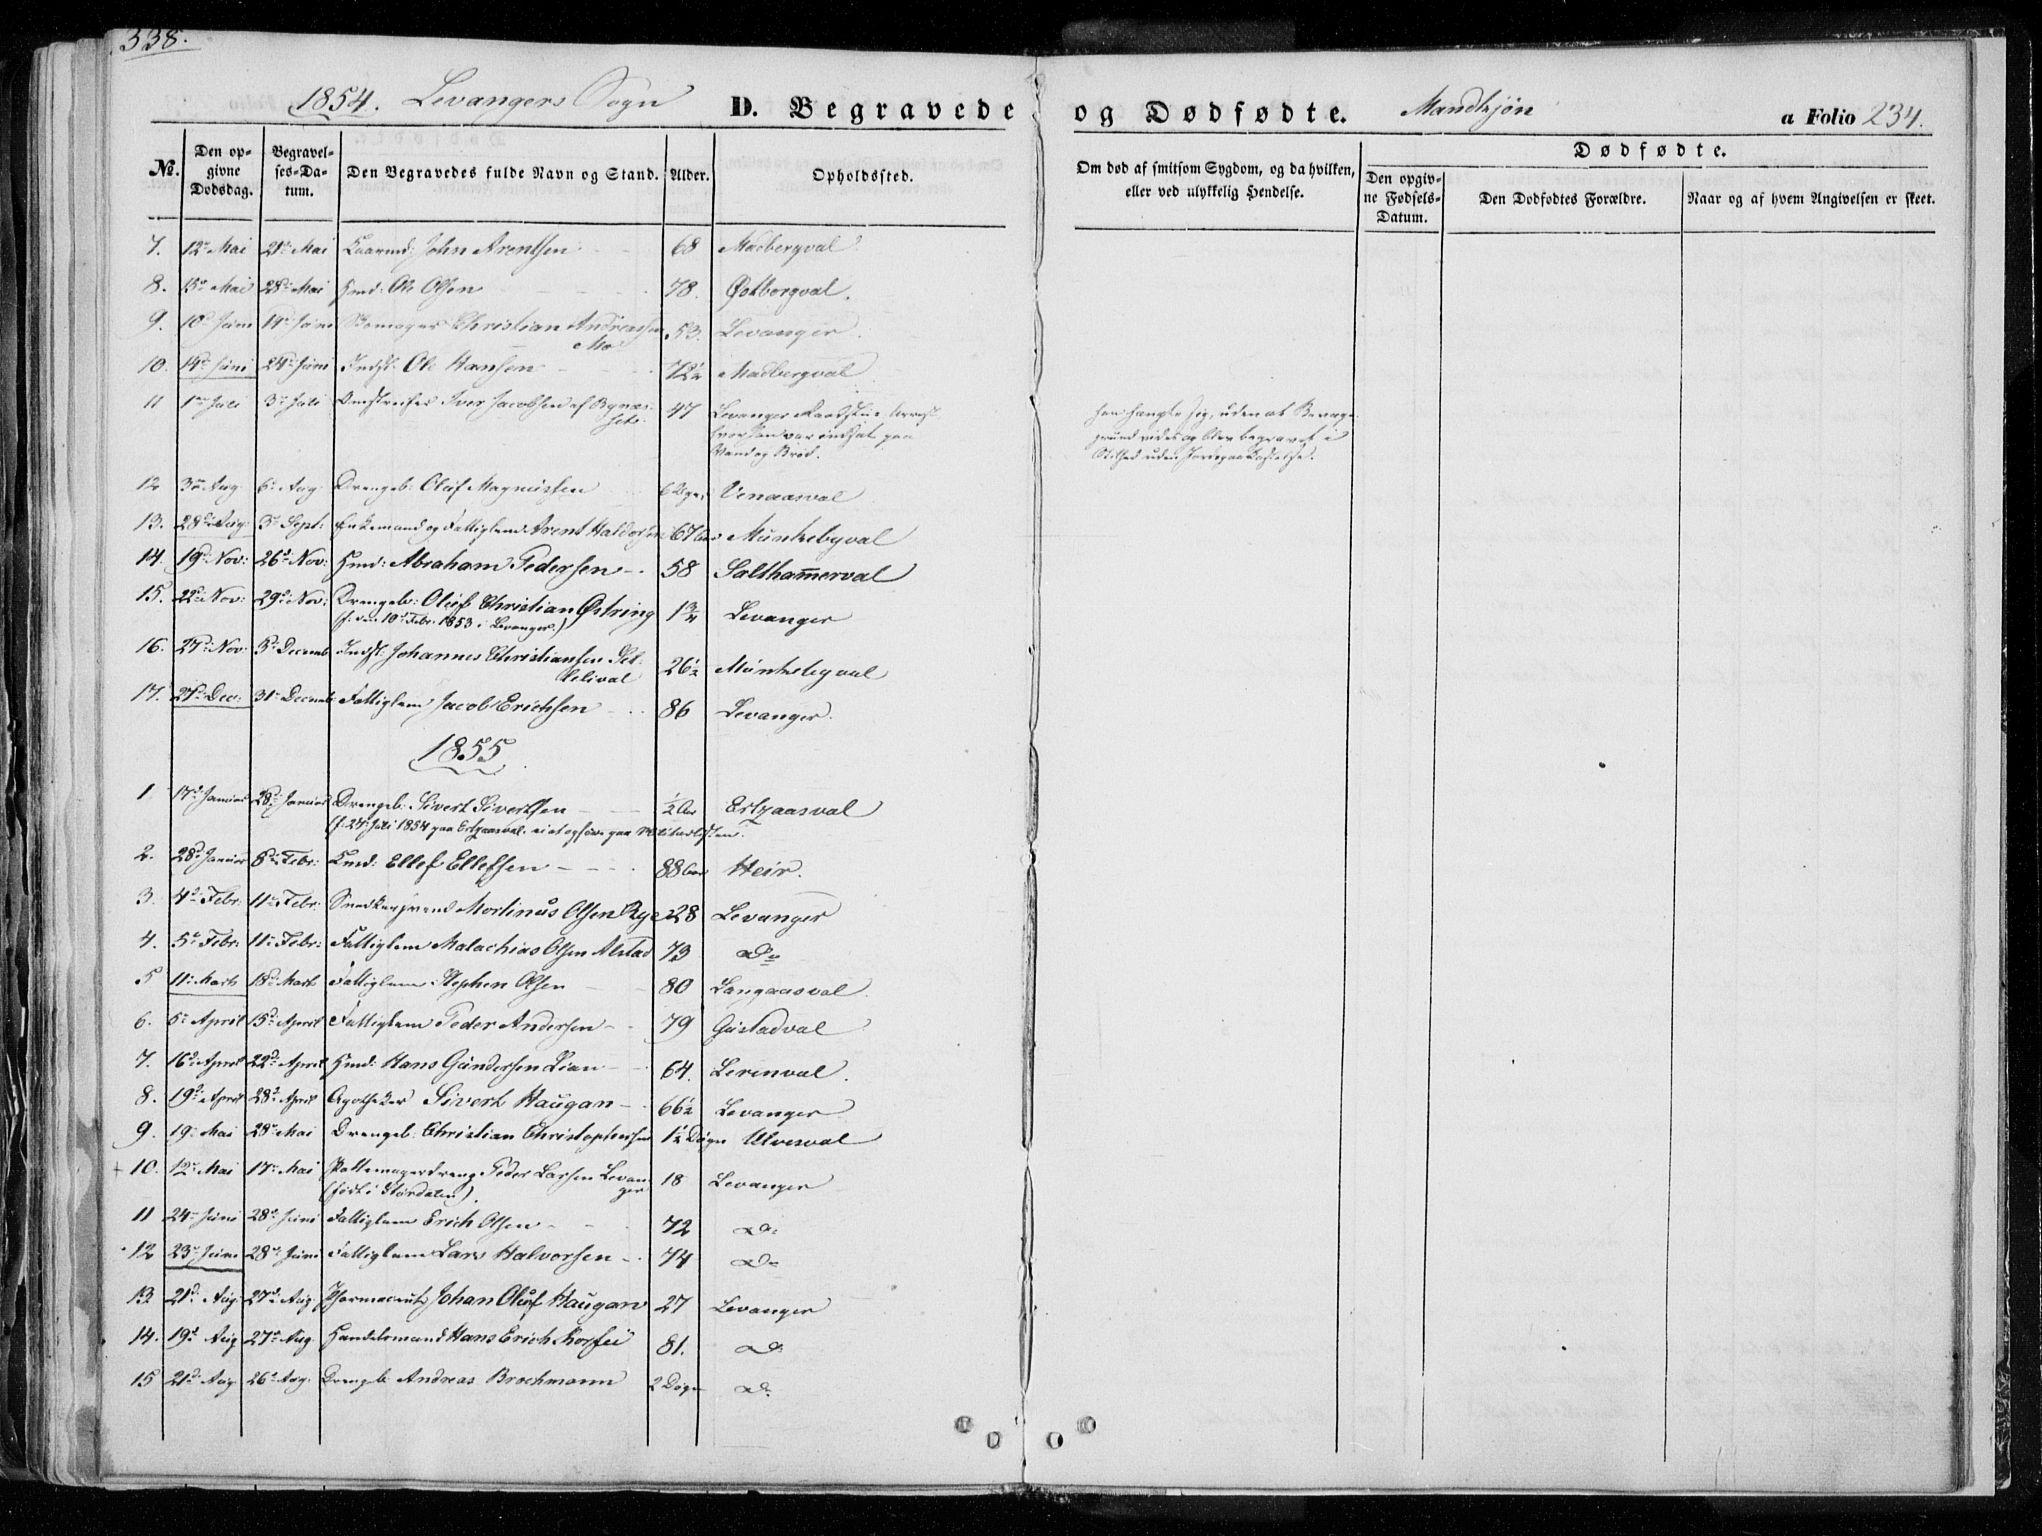 SAT, Ministerialprotokoller, klokkerbøker og fødselsregistre - Nord-Trøndelag, 720/L0183: Ministerialbok nr. 720A01, 1836-1855, s. 234